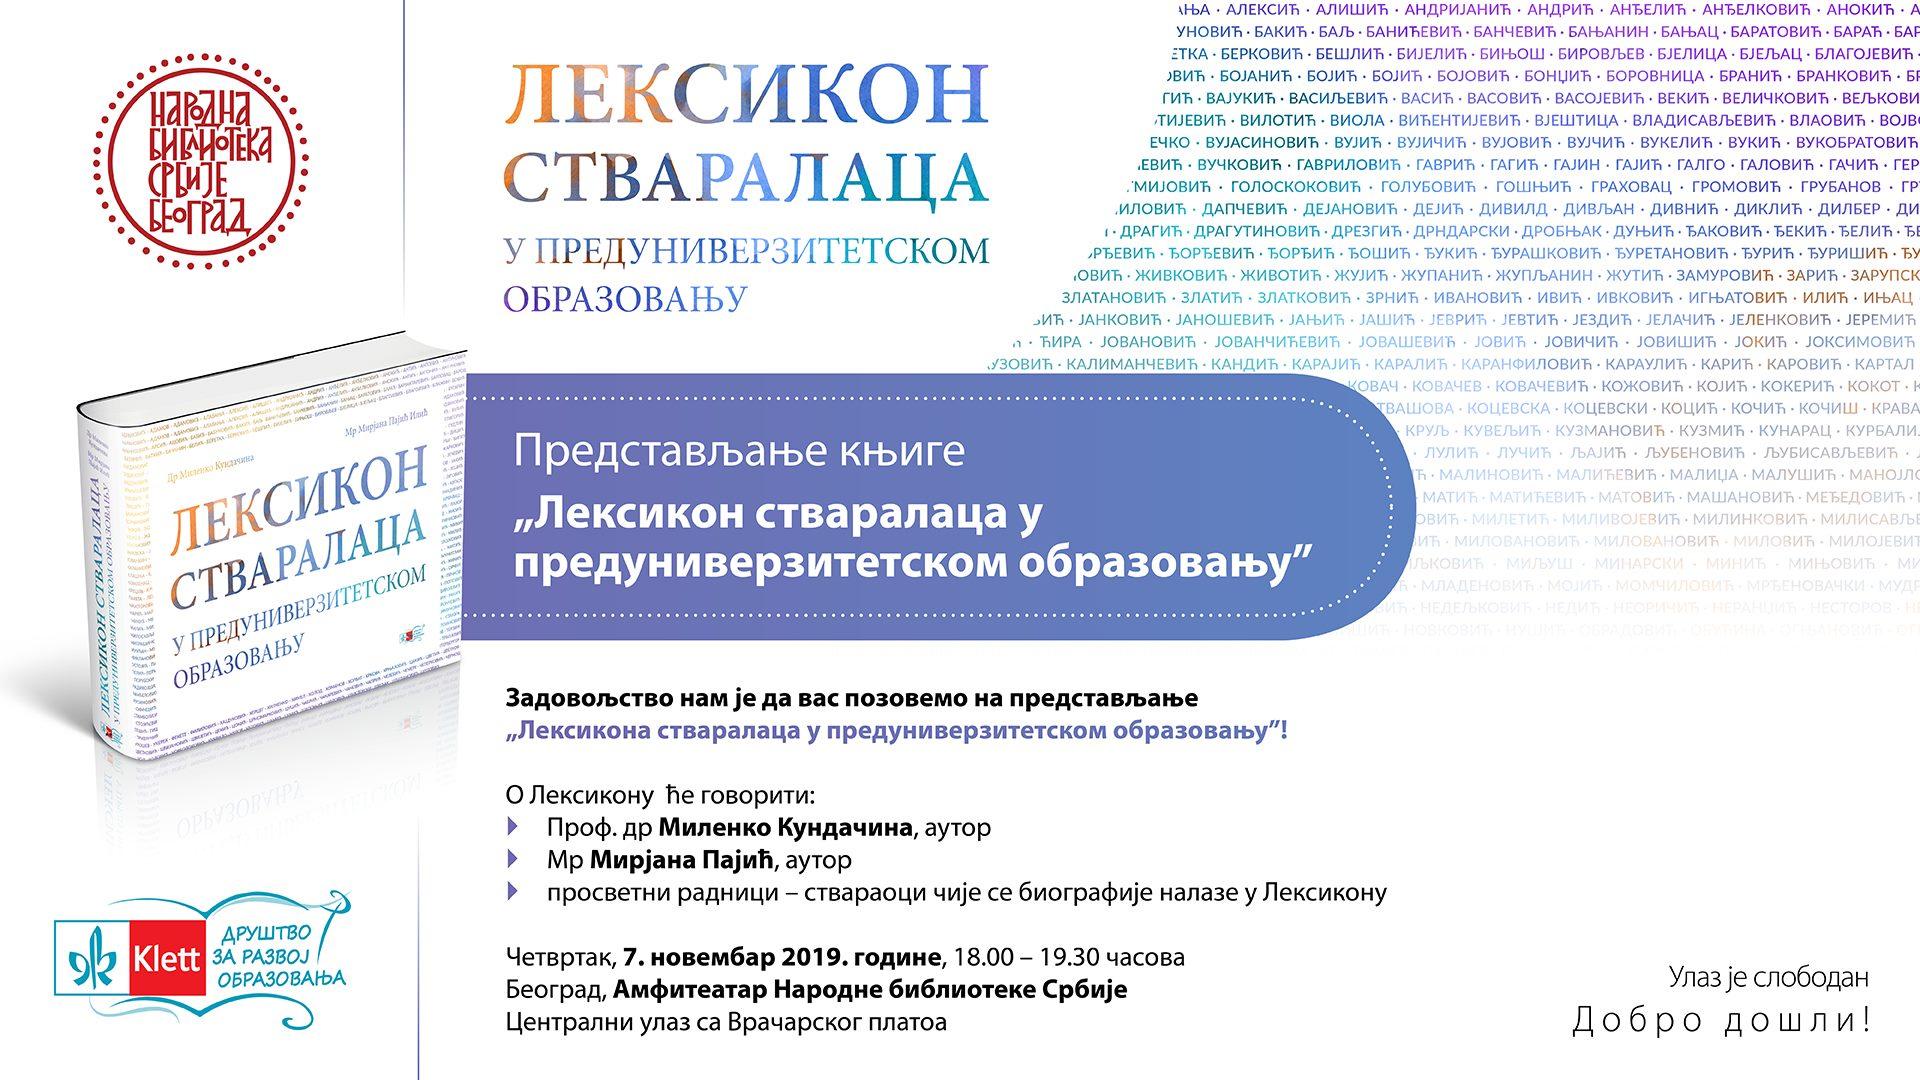 Fotografija_najava promocije_Narodna biblioteka